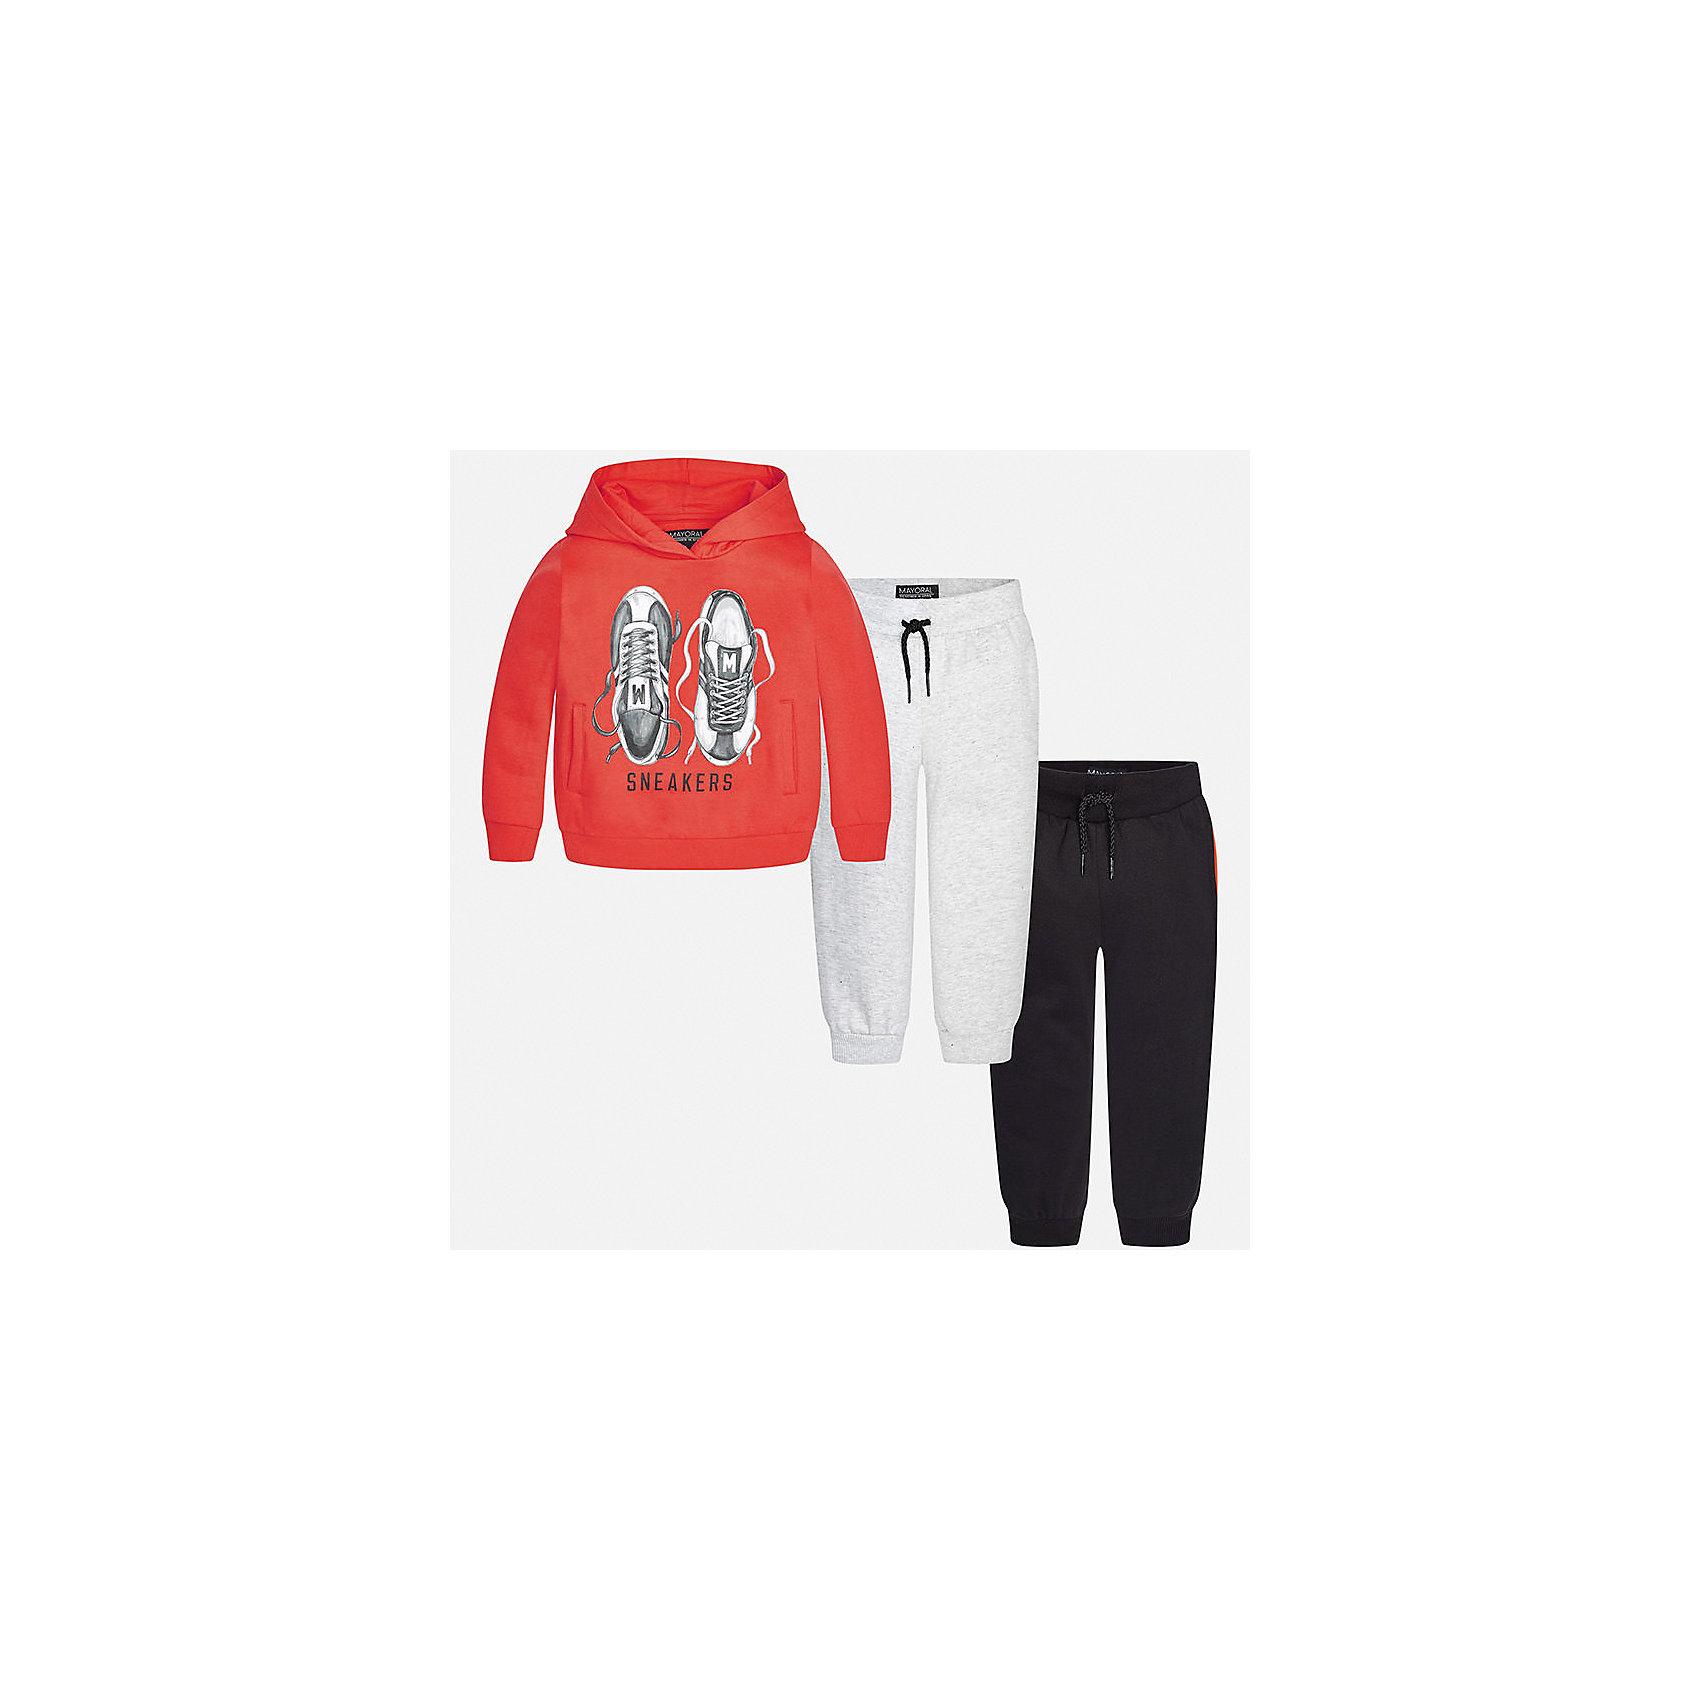 Спортивный костюм для мальчика MayoralКомплекты<br>Характеристики товара:<br><br>• цвет: оранжевый/серый/черный<br>• состав ткани: 60% хлопок, 40% полиэстер<br>• комплектация: куртка, 2 брюк<br>• сезон: демисезон<br>• особенности модели: спортивный стиль<br>• капюшон<br>• длинные рукава<br>• пояс брюк: резинка, шнурок<br>• страна бренда: Испания<br>• страна изготовитель: Индия<br><br>Удобный детский комплект из спортивной курточки и двух брюк подойдет для занятий спортом. Отличный способ обеспечить ребенку тепло и комфорт - надеть детский спортивный костюм от Mayoral. Детский спортивный костюм сшит из приятного на ощупь материала. Спортивный костюм для мальчика Mayoral удобно сидит по фигуре.<br><br>Спортивный костюм для мальчика Mayoral (Майорал) можно купить в нашем интернет-магазине.<br><br>Ширина мм: 247<br>Глубина мм: 16<br>Высота мм: 140<br>Вес г: 225<br>Цвет: серый/оранжевый<br>Возраст от месяцев: 18<br>Возраст до месяцев: 24<br>Пол: Мужской<br>Возраст: Детский<br>Размер: 92,98,104,110,116,122,128,134<br>SKU: 6933097